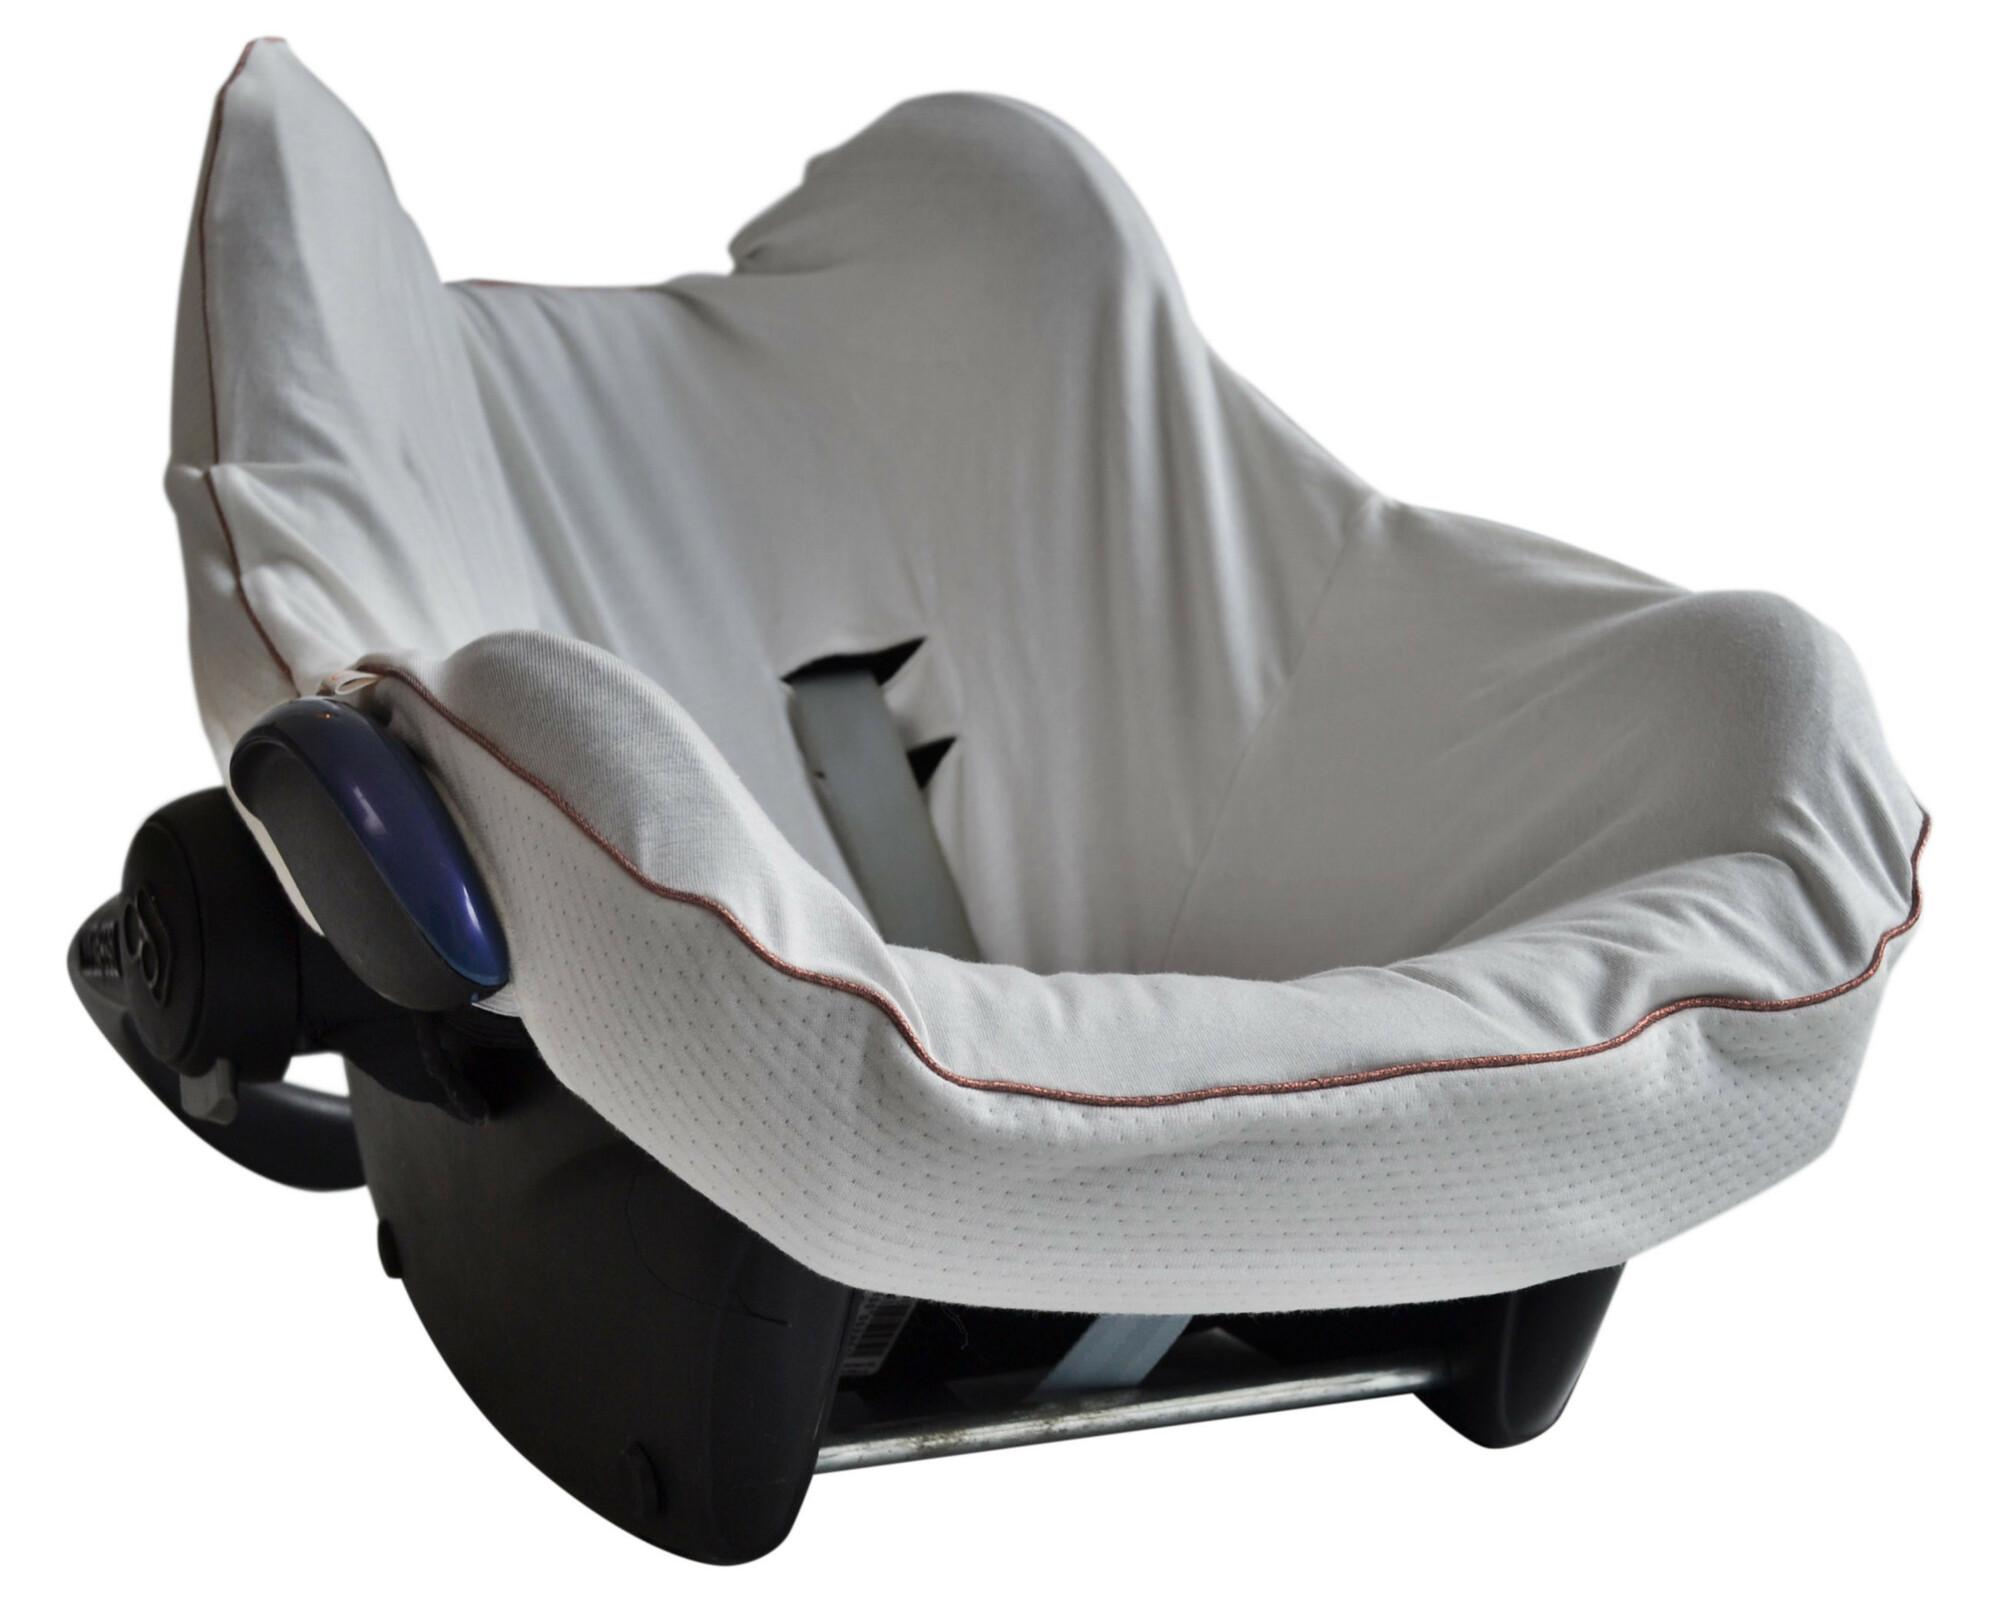 Hoes autostoel Maxi-Cosi - Jersey white/pi